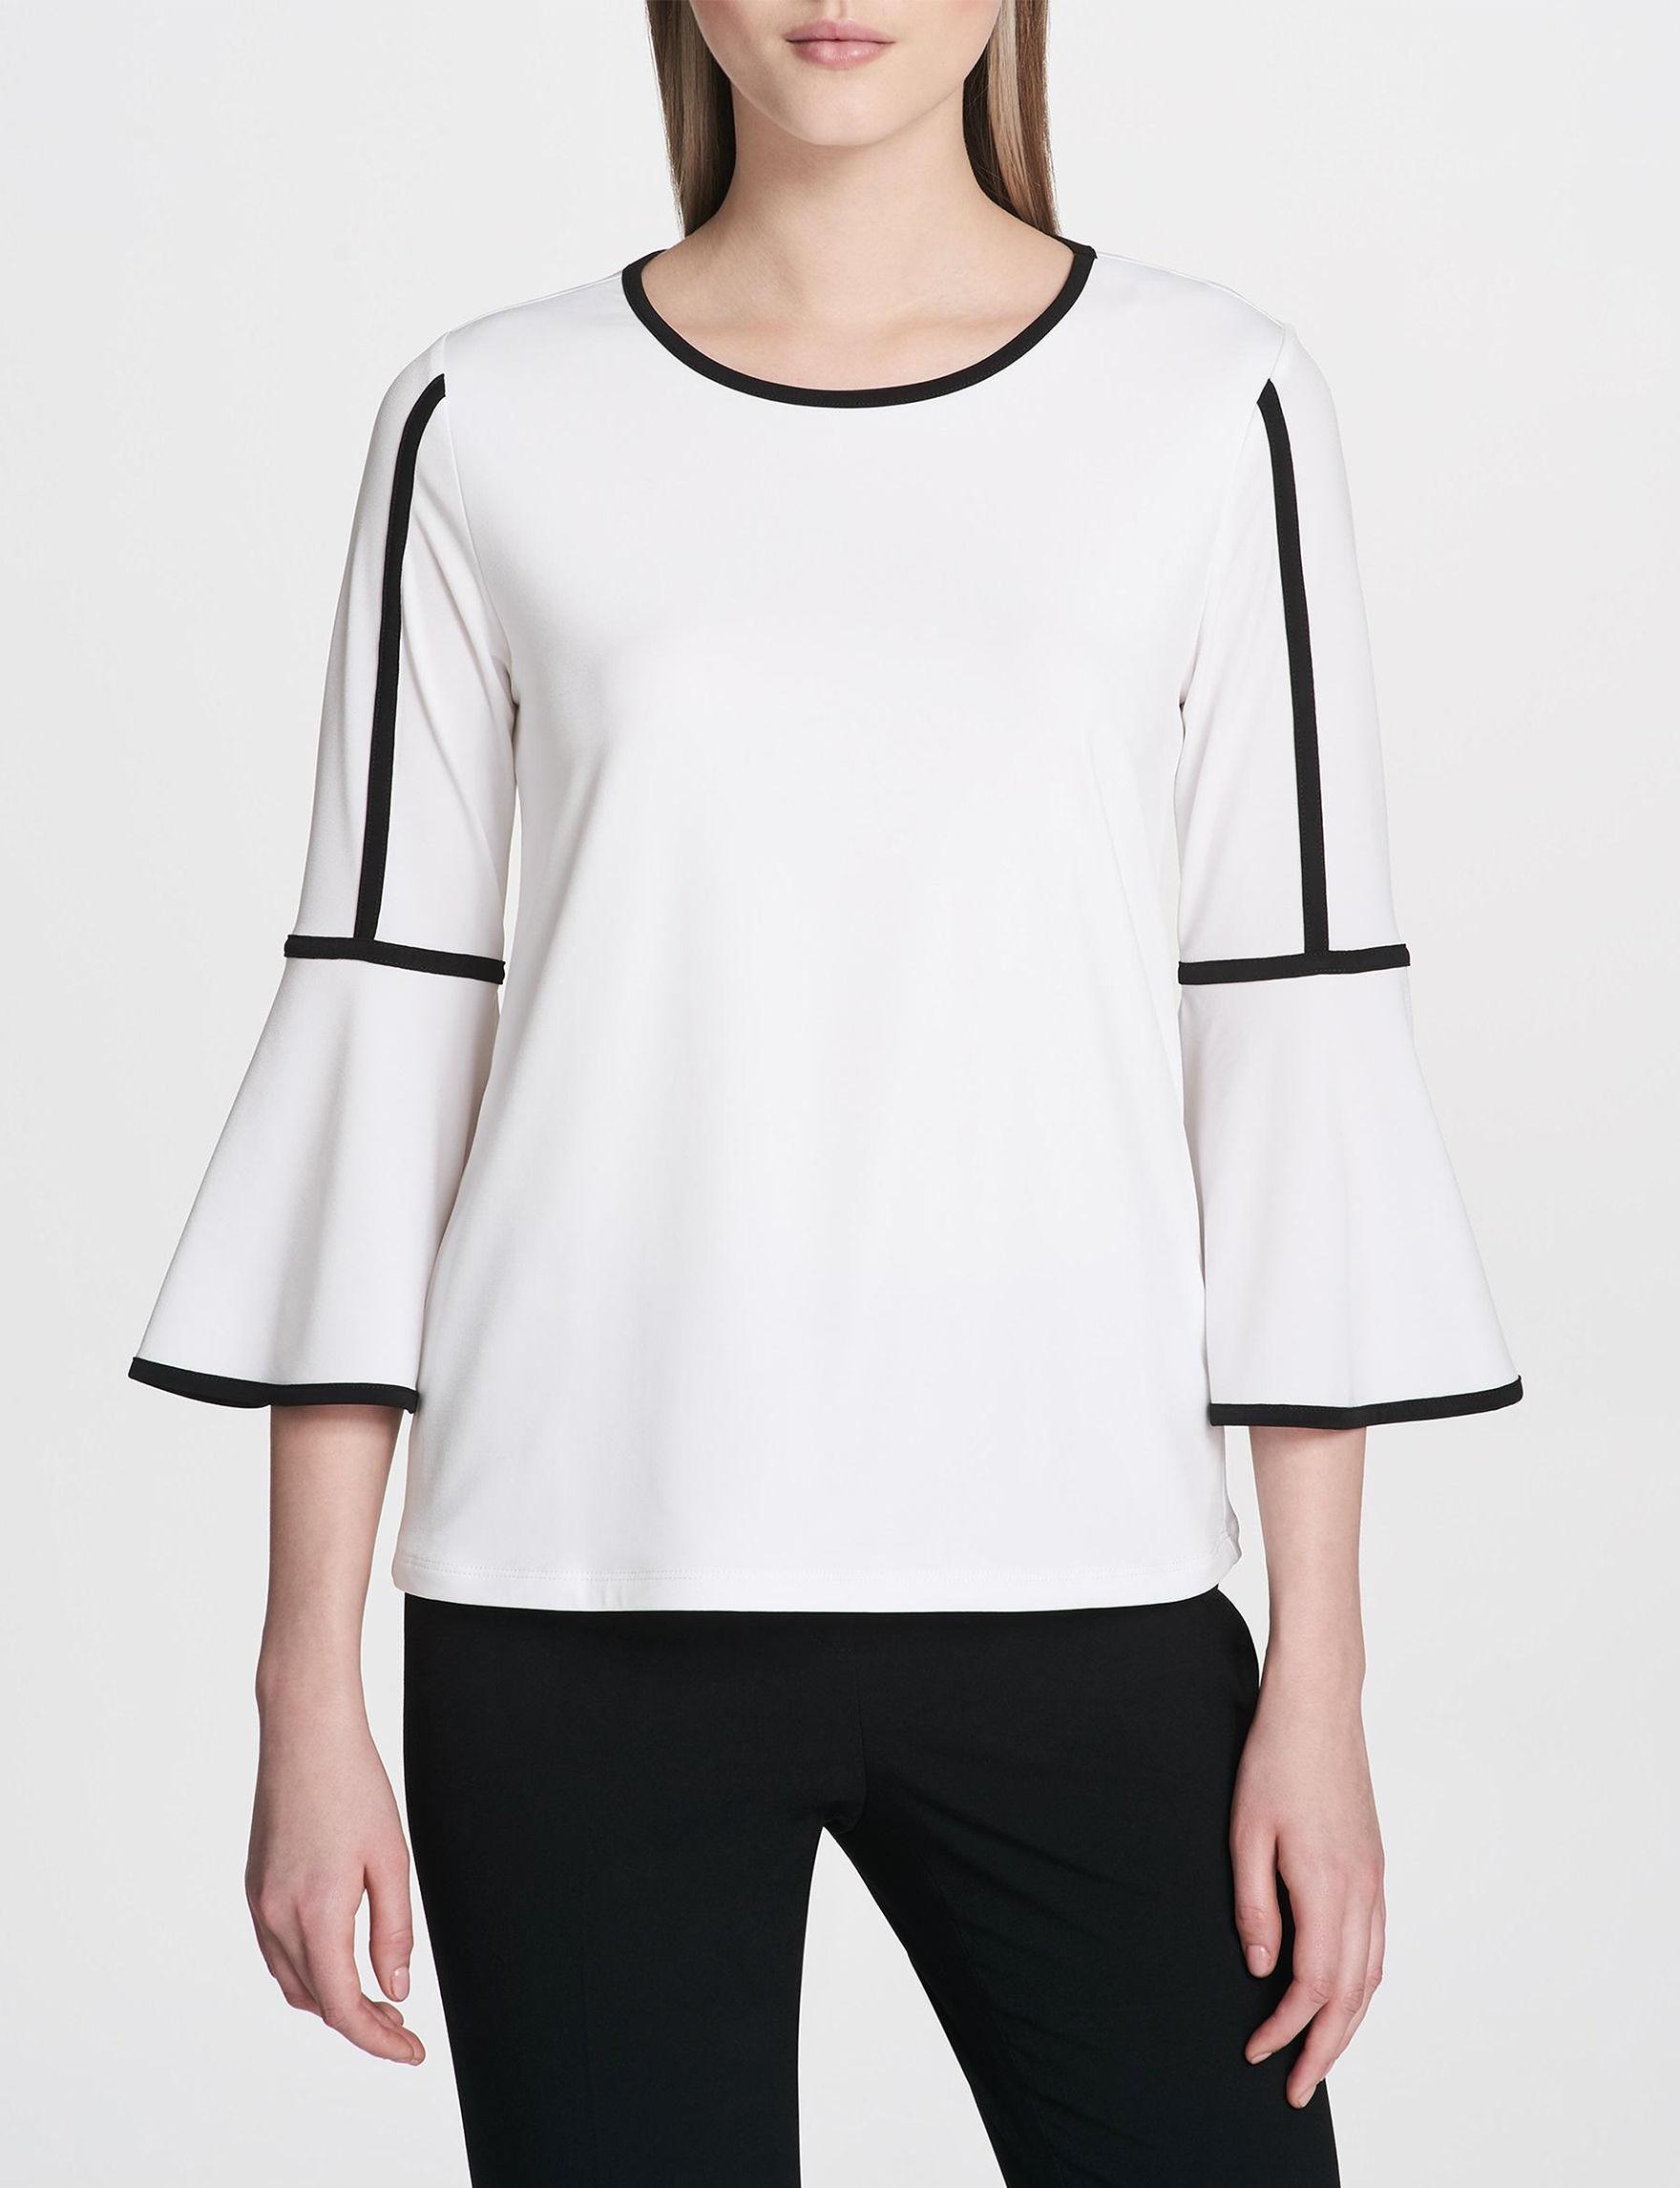 Calvin Klein White / Black Shirts & Blouses